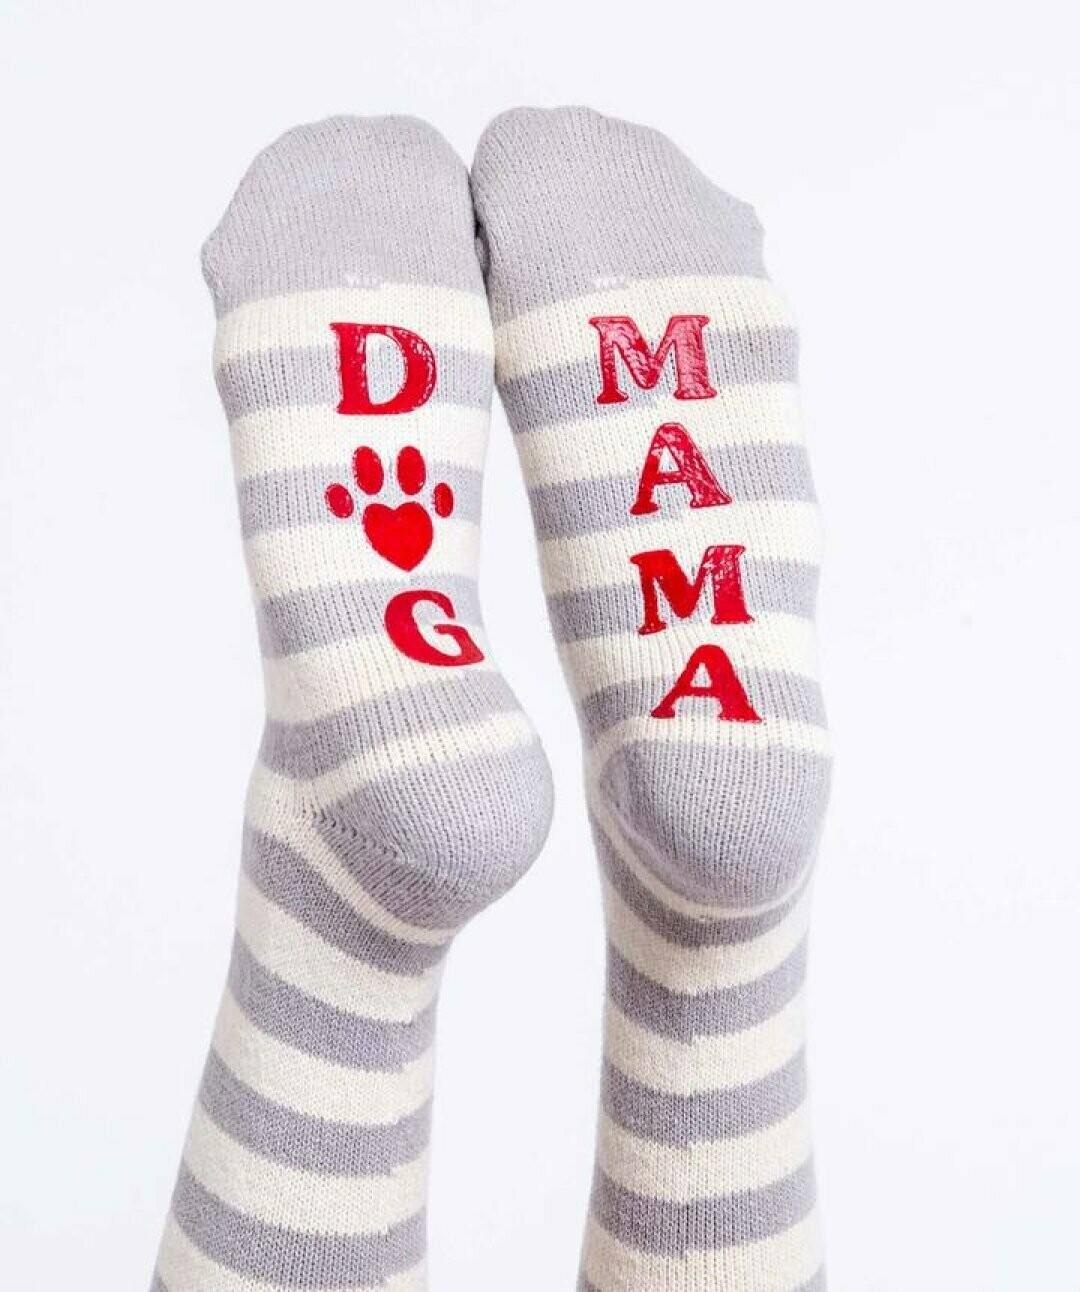 Fun Non Slip Dog Mama Socks